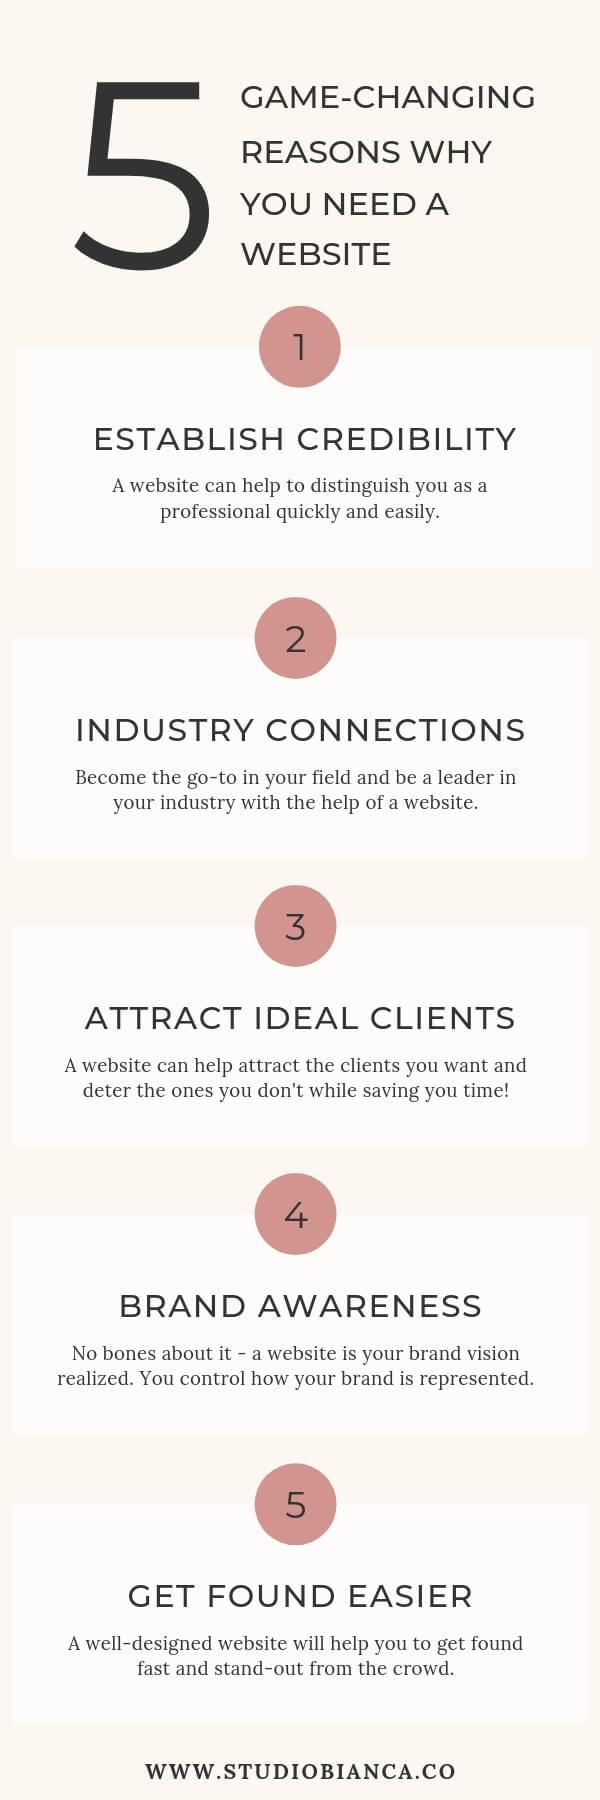 social-media-vs-website-small-business-3.jpg